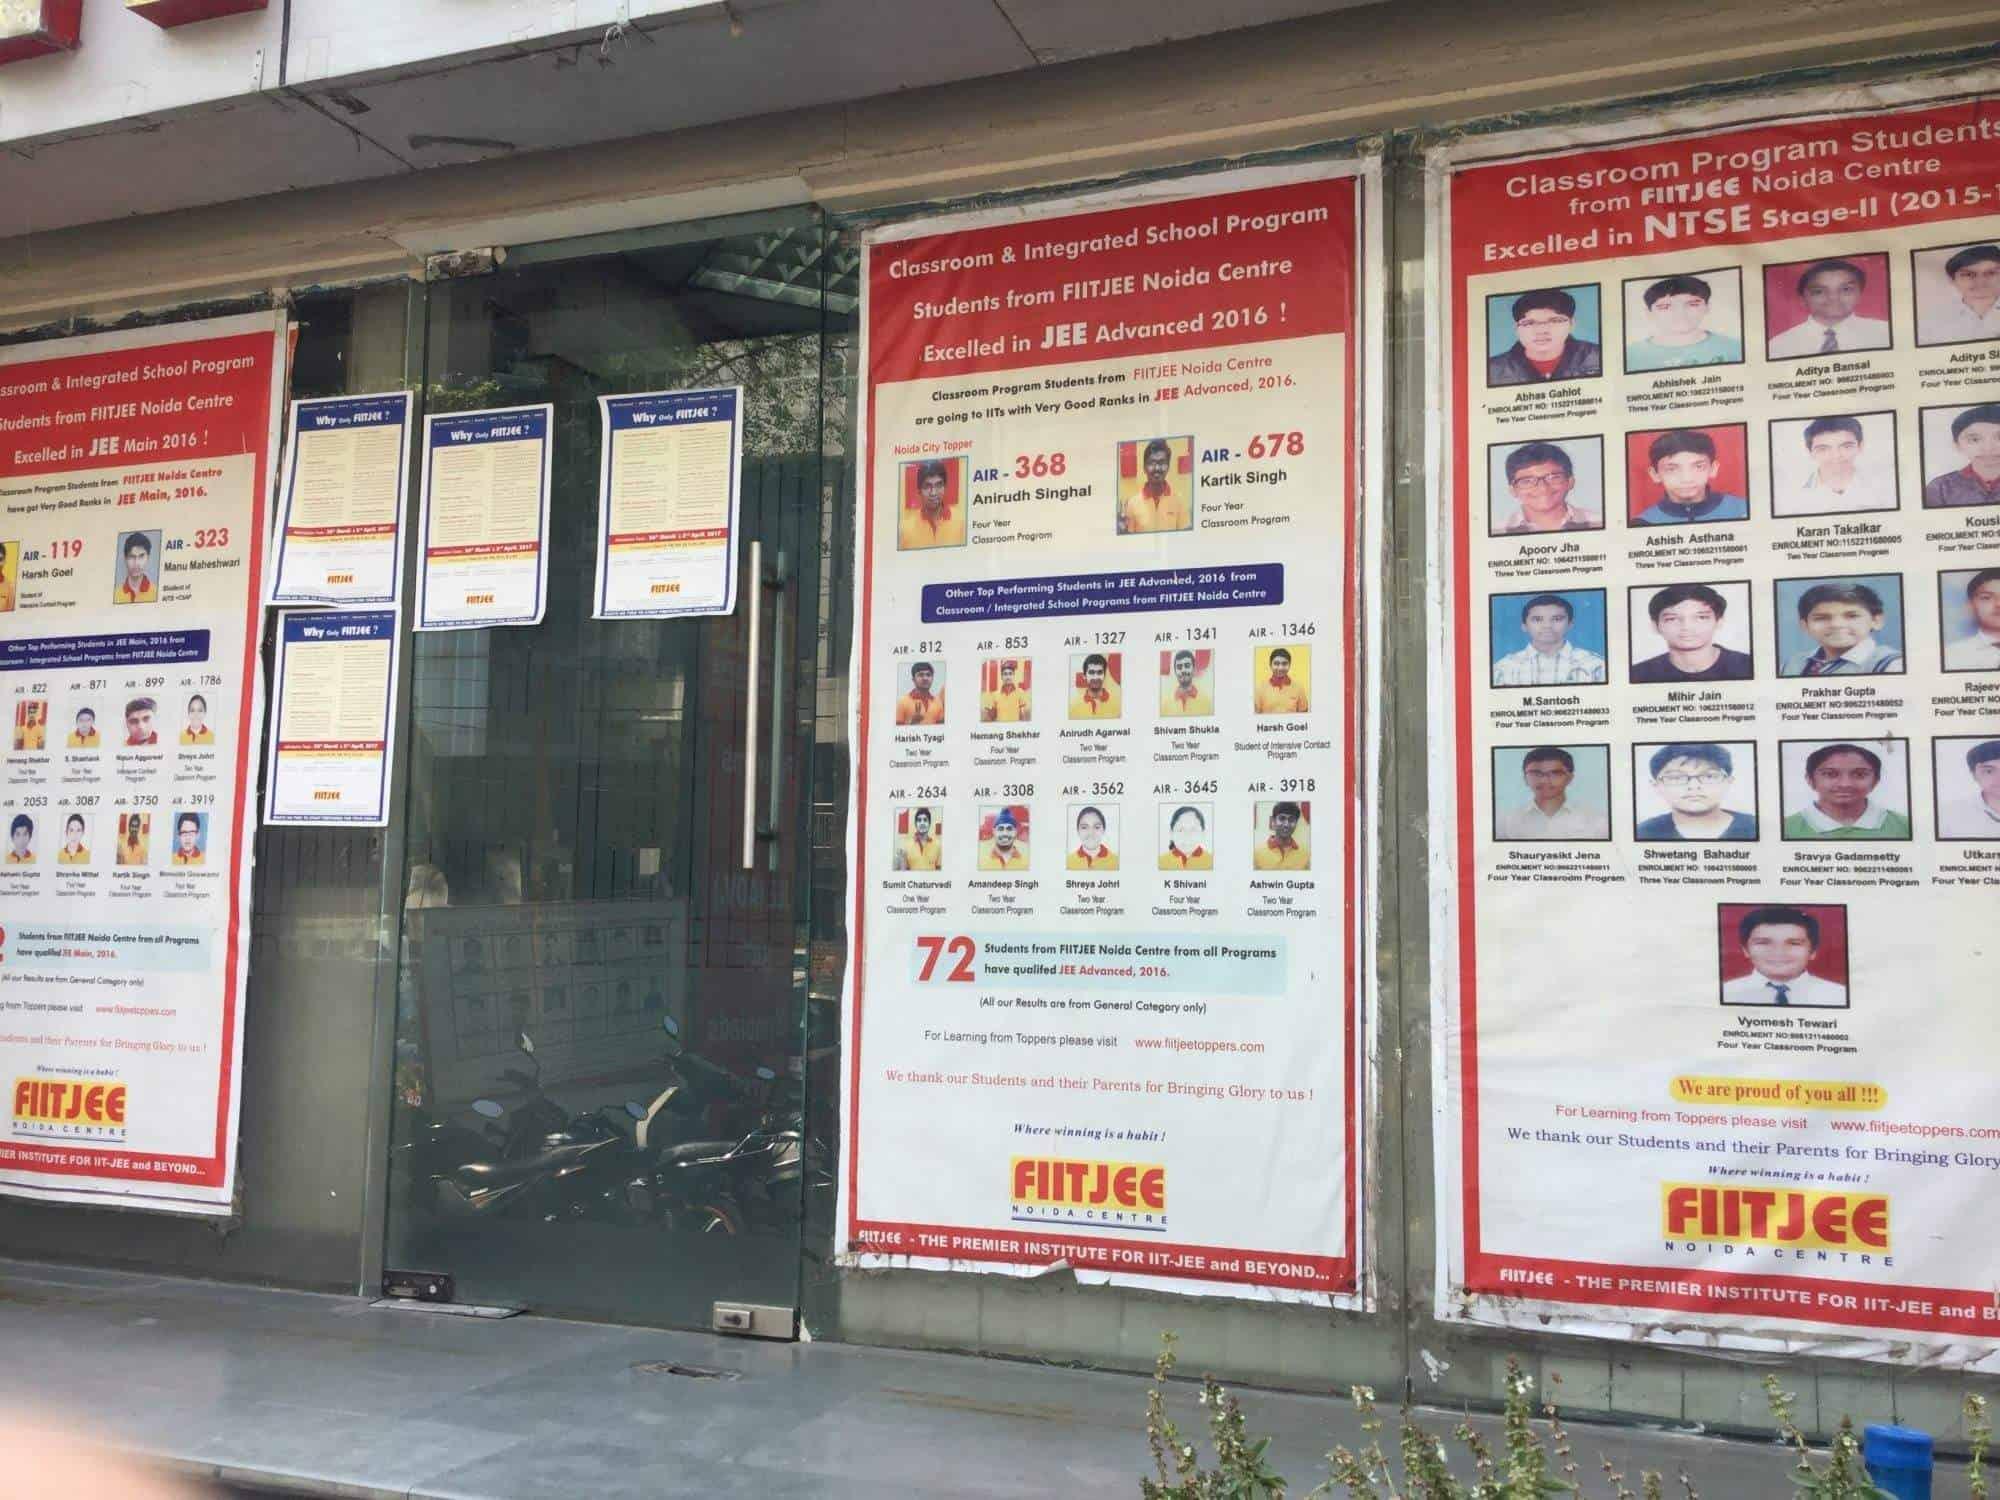 Fiitjee Limited, Noida Sector 16 - Tutorials in Noida, Delhi - Justdial